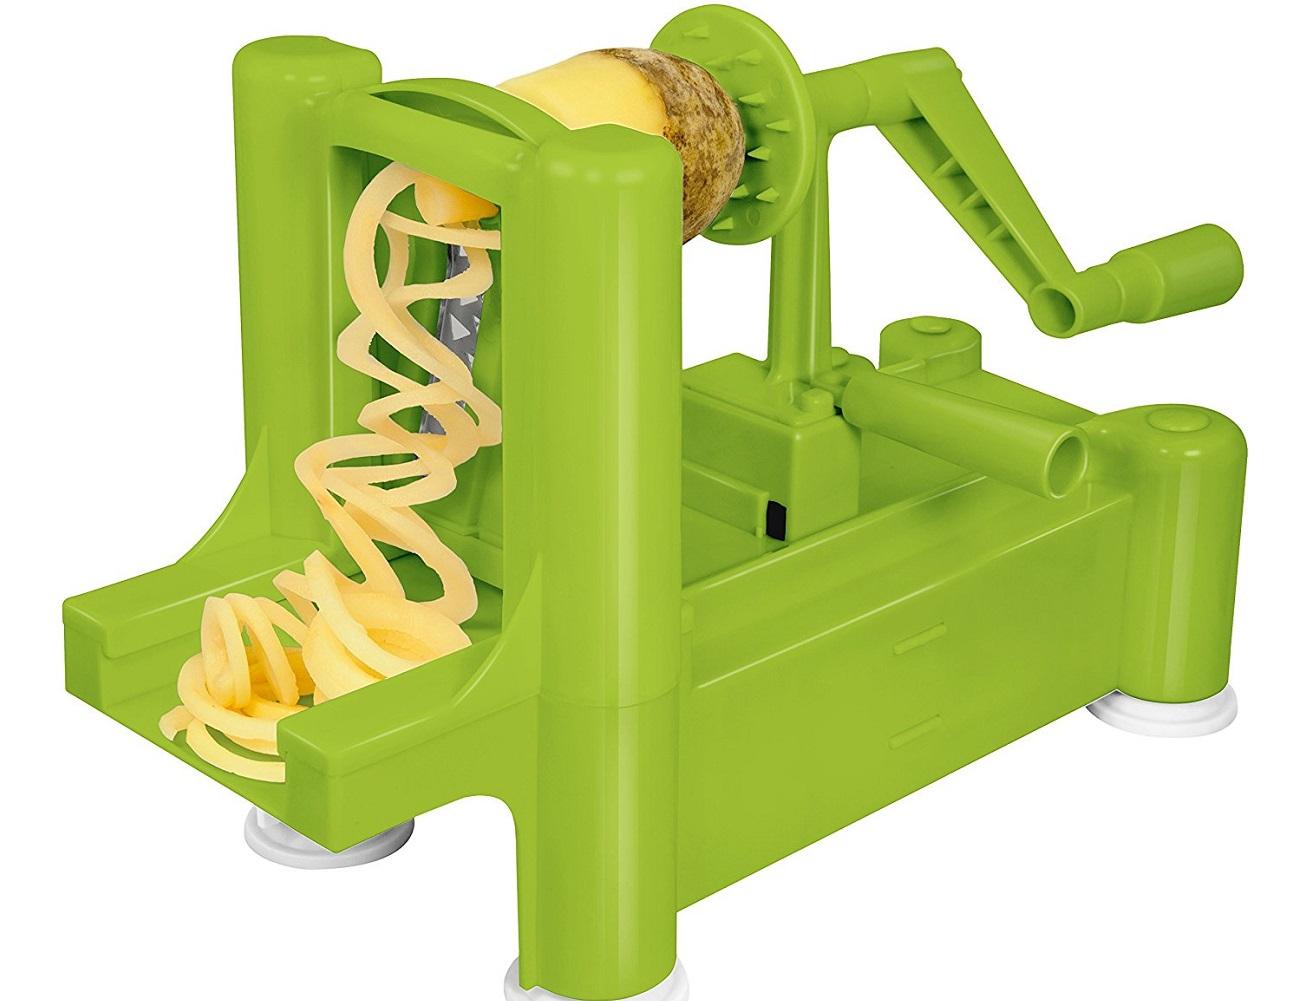 Slice-A-Roo Vegetable Slicer